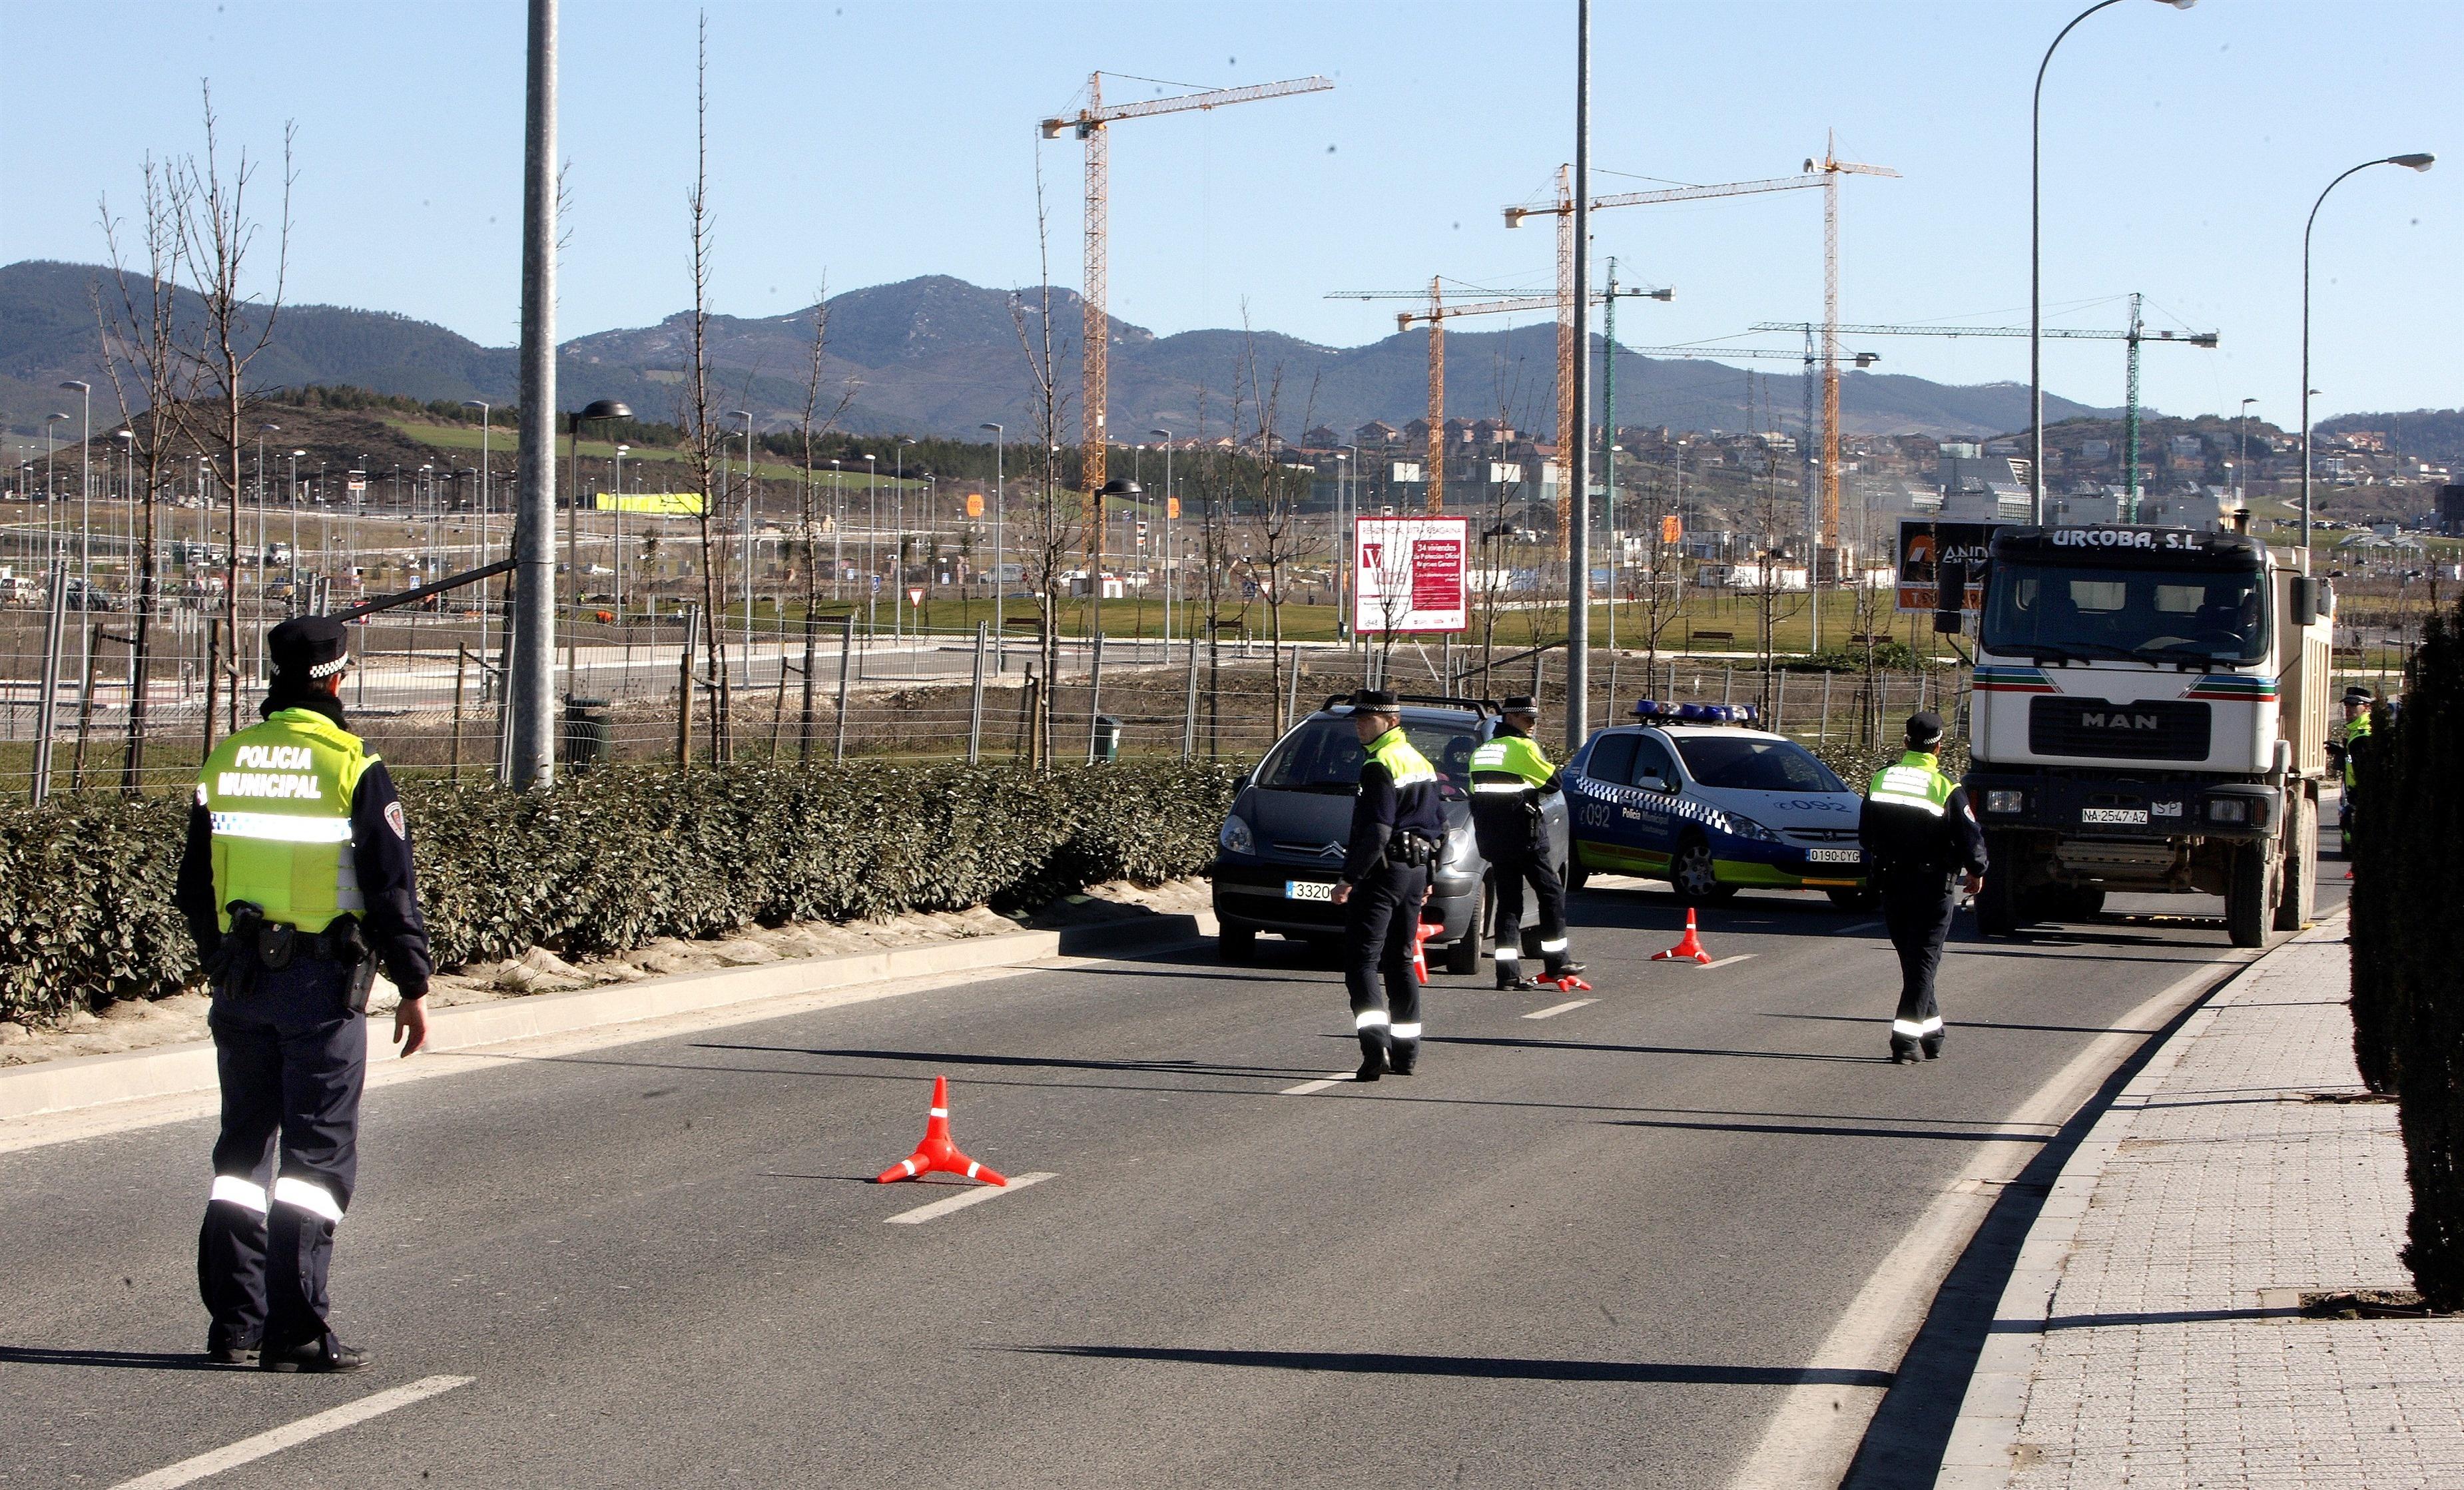 Detenidas 337 personas en Pamplona hasta octubre por delitos contra la seguridad vial, un 7% más que en 2012